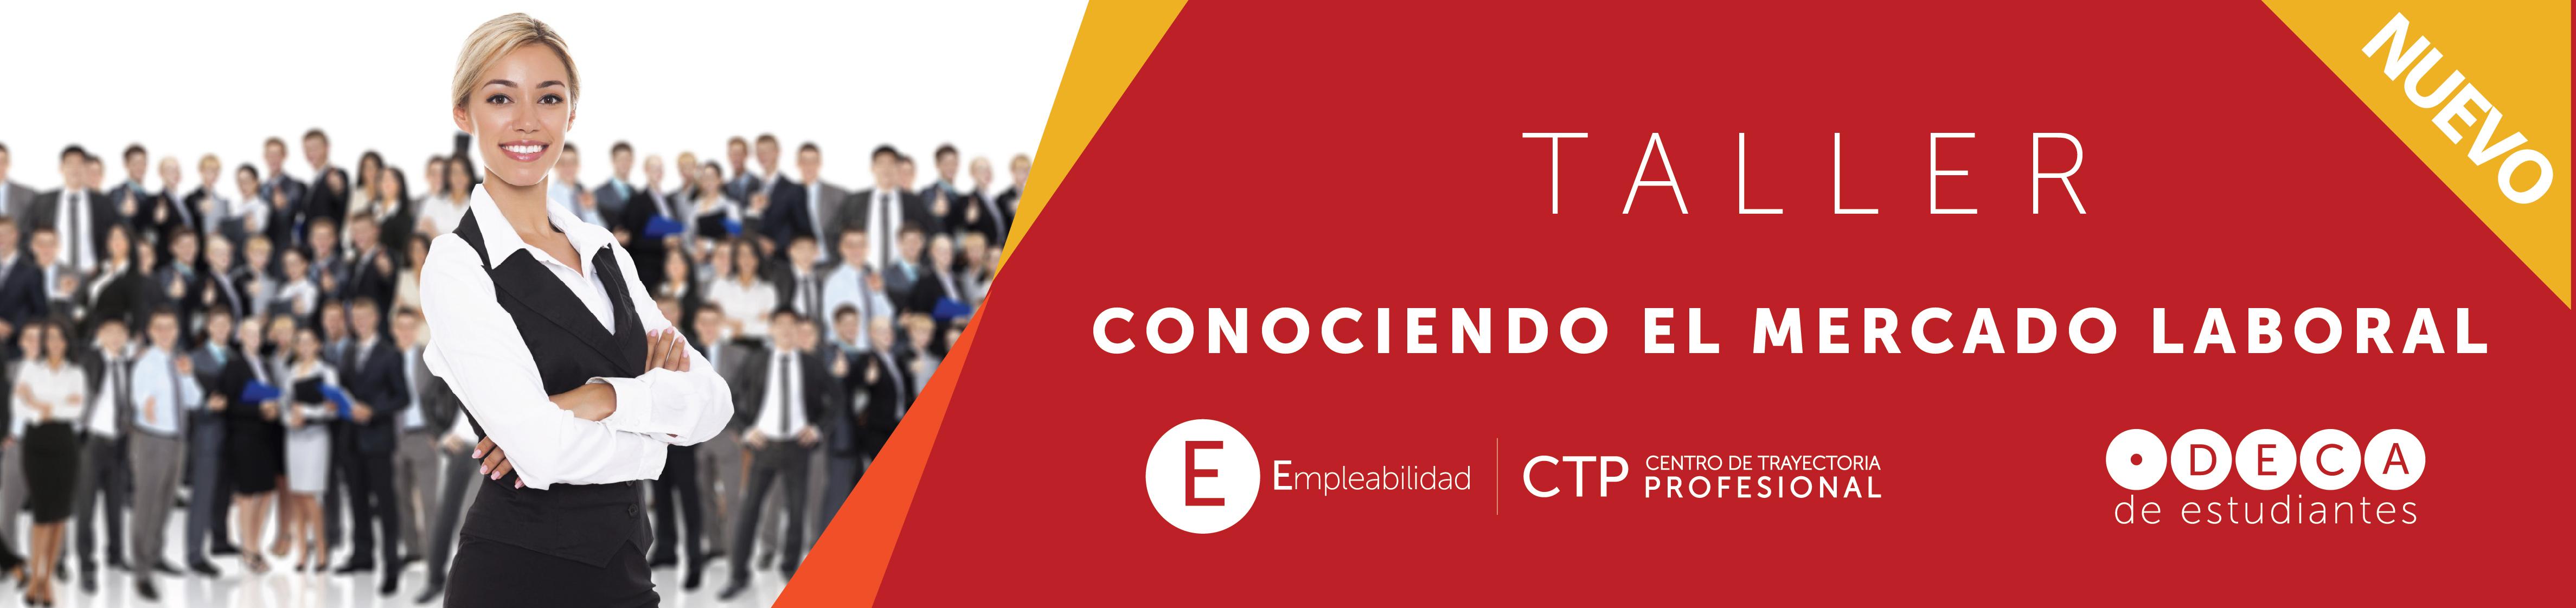 Conociendo_el_mercado_laboral_g